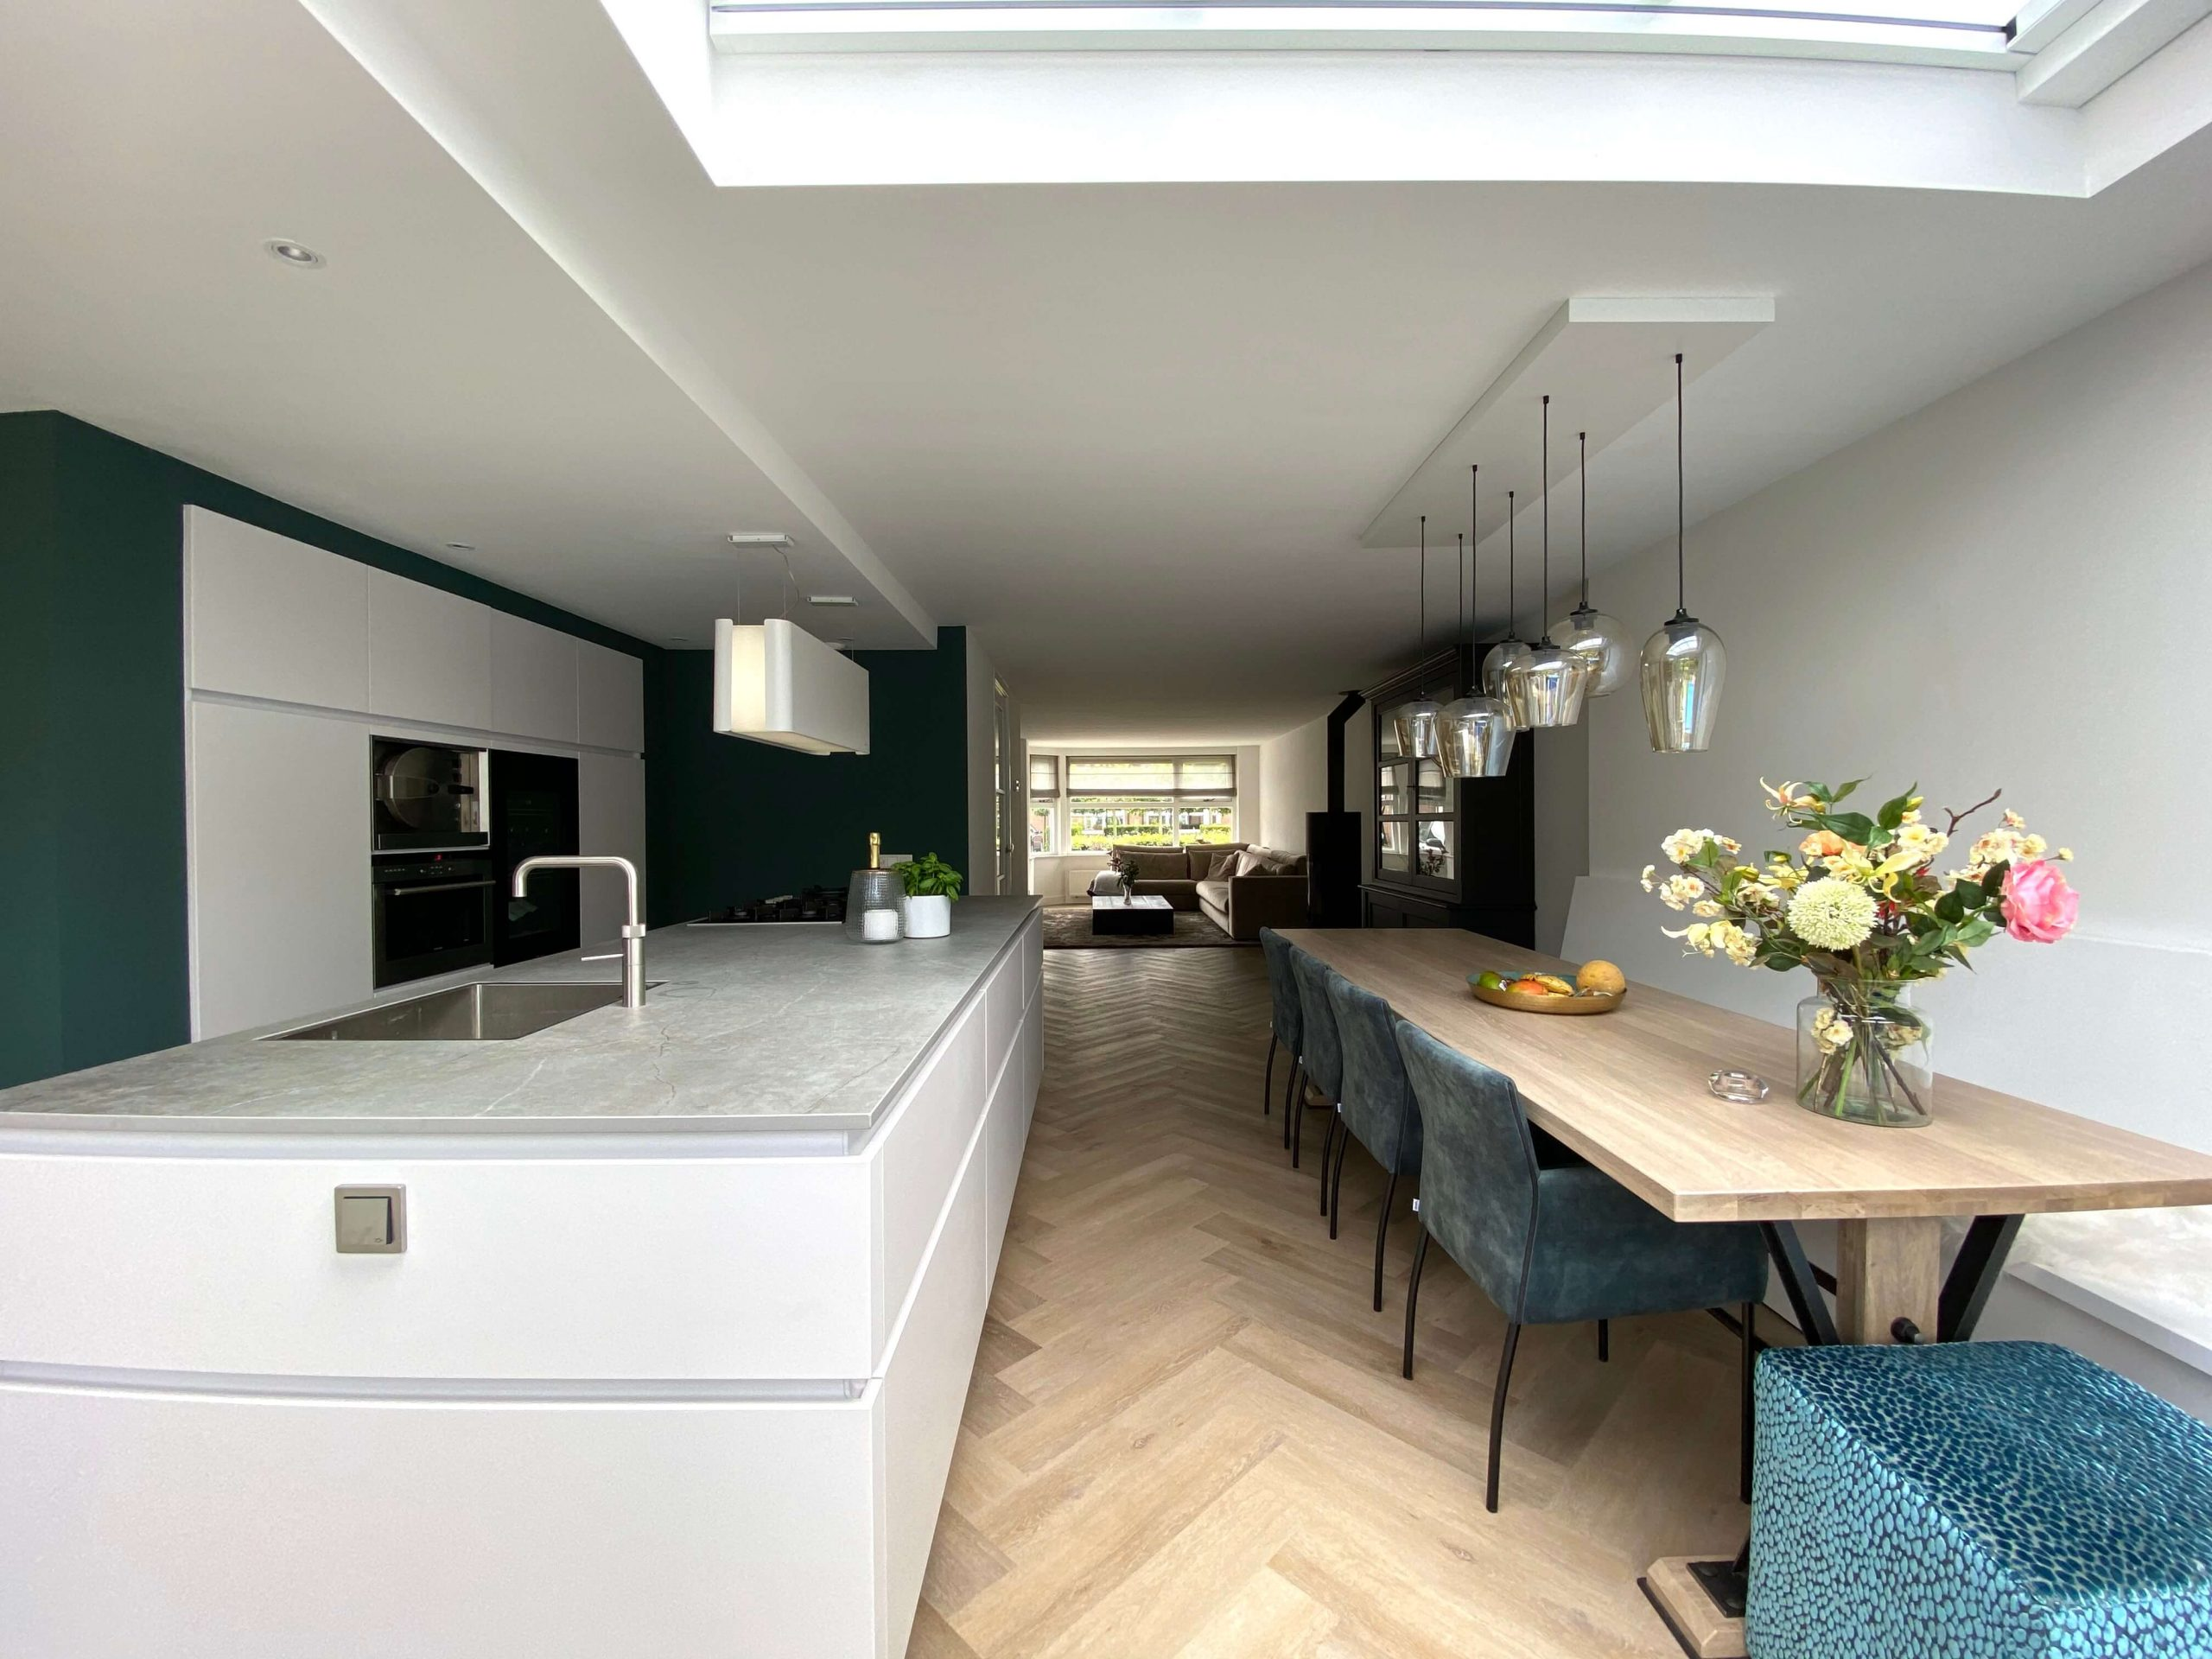 Wildhagen designkeuken in ruimte keukenuitbouw